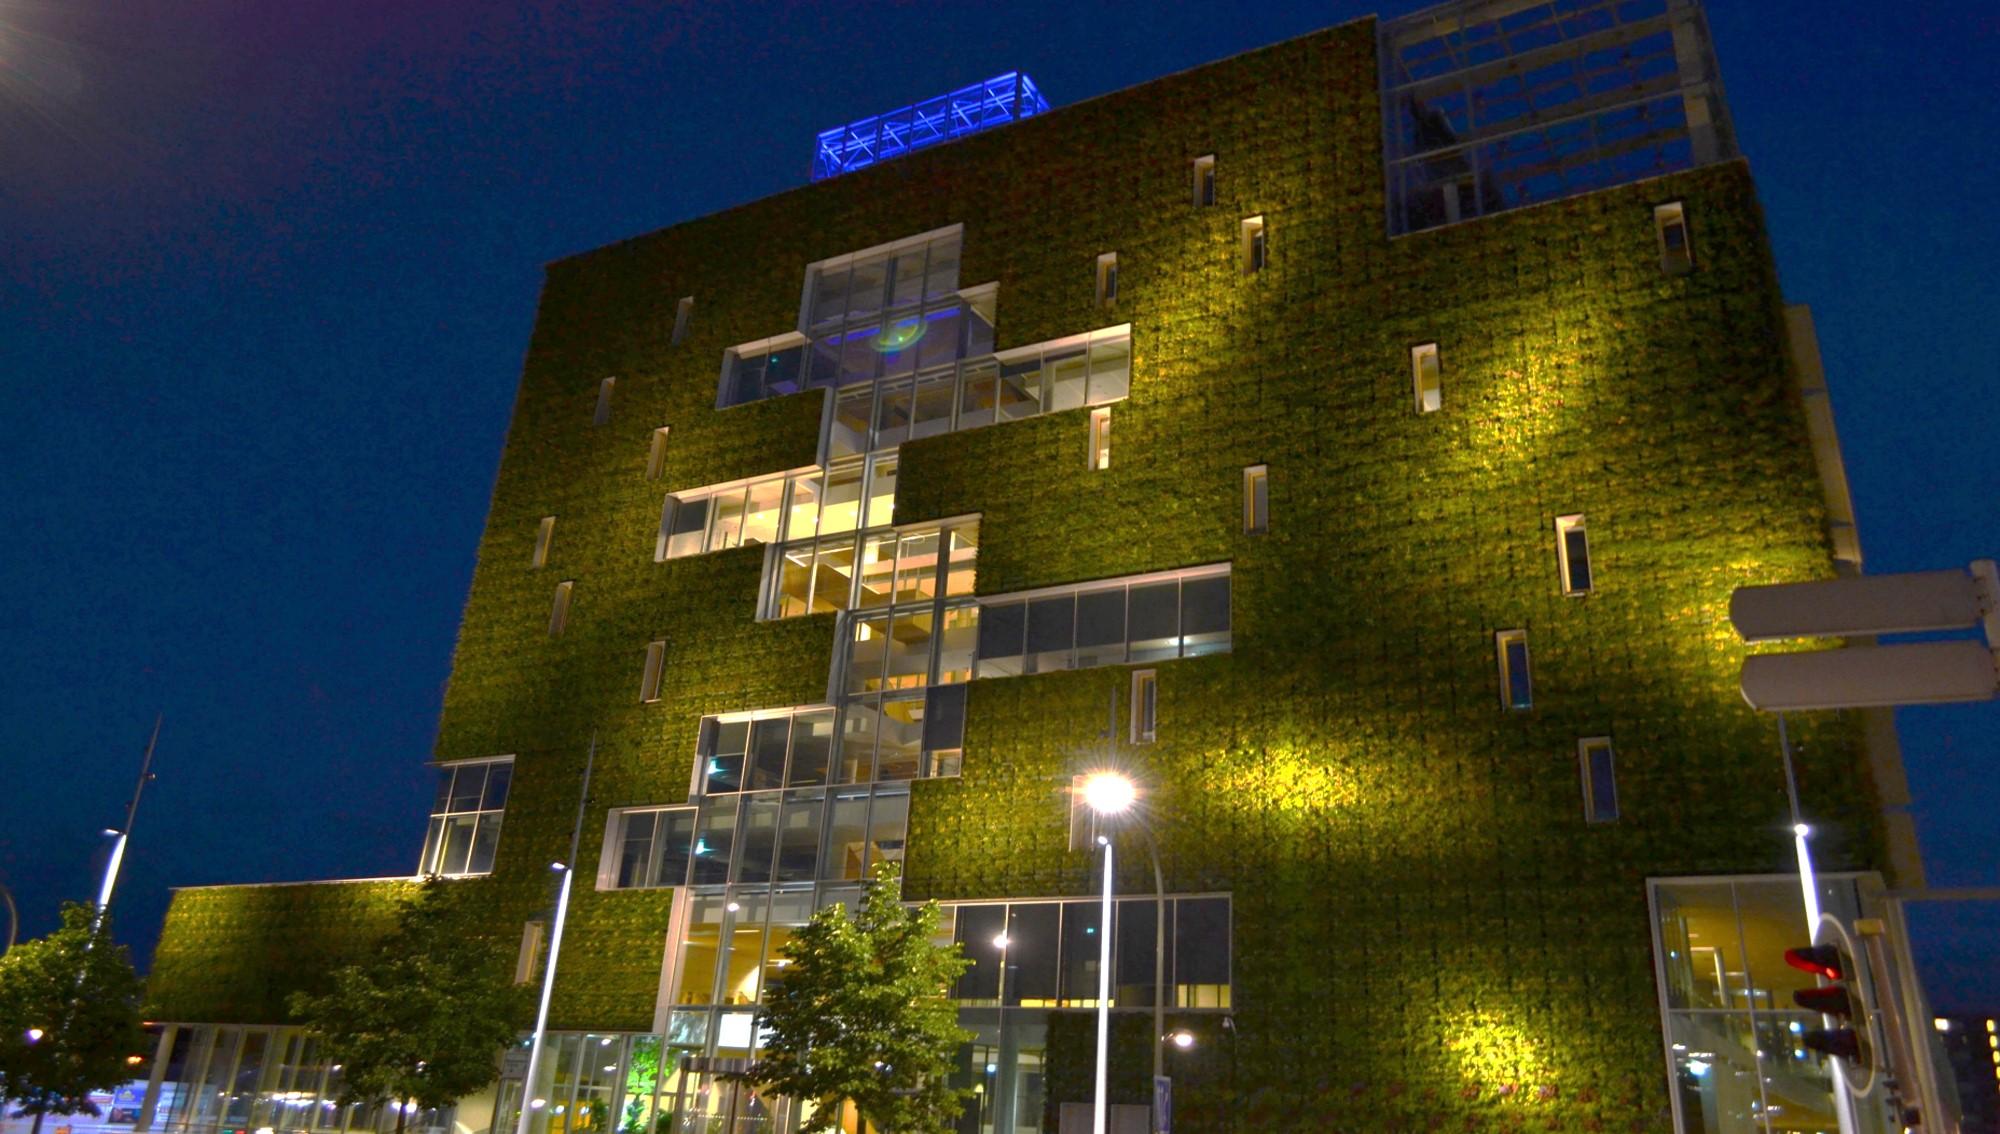 Illuminatie stadskantoor Venlo